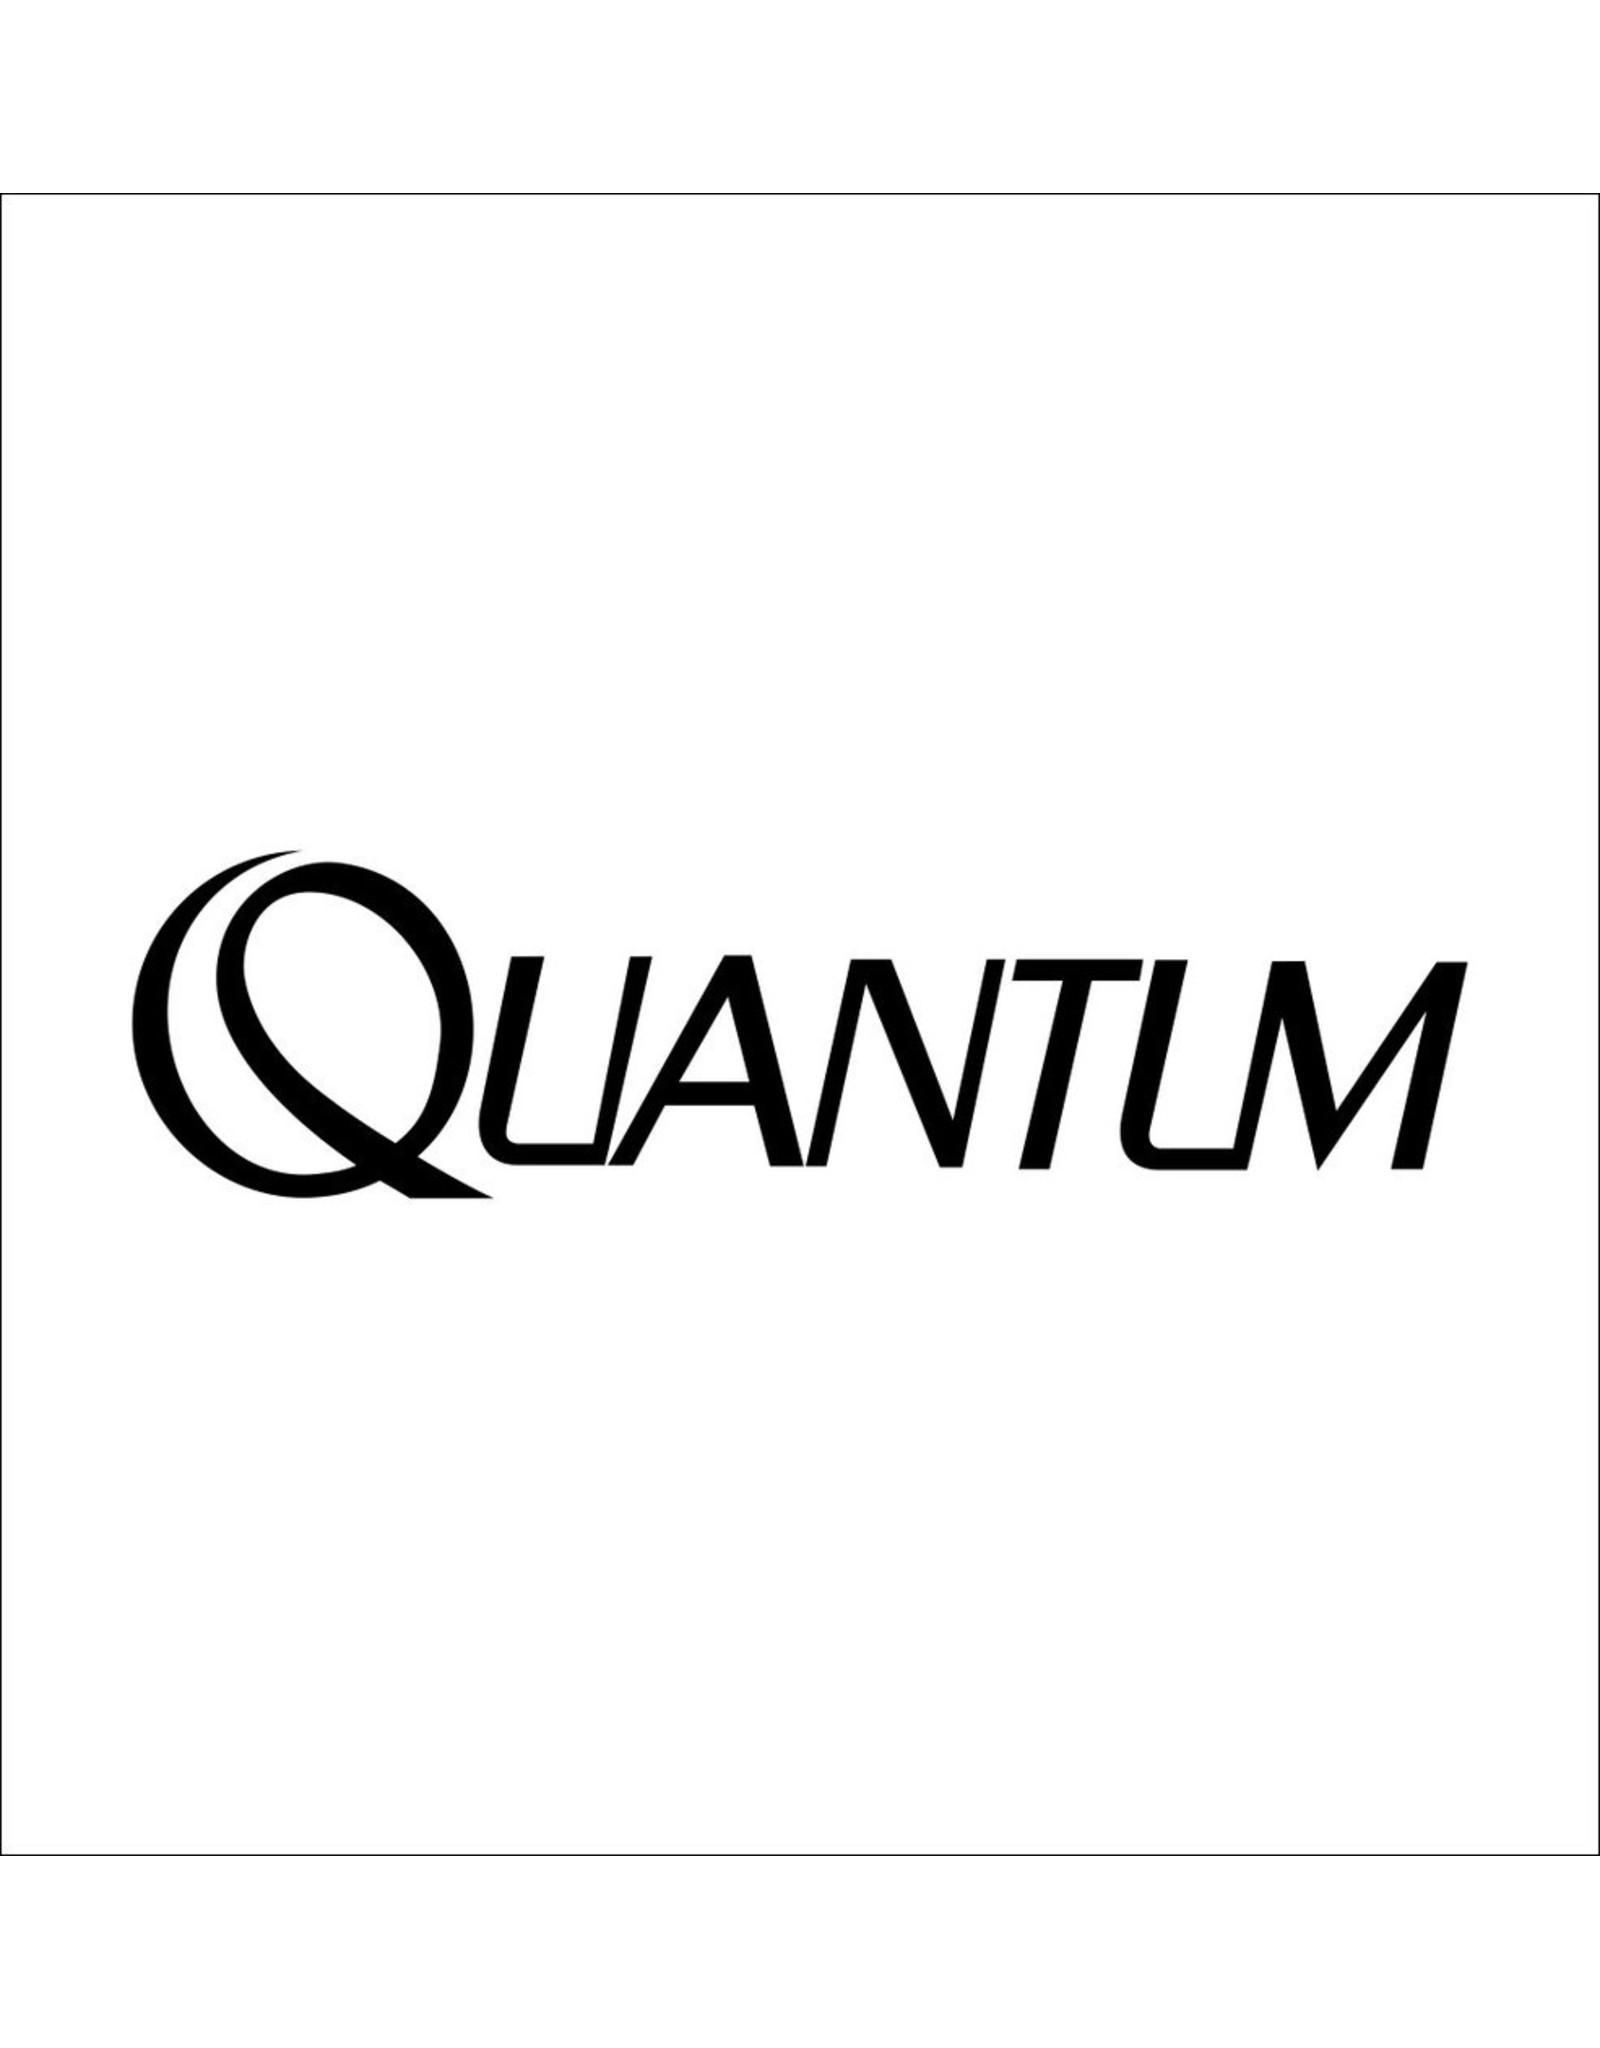 Quantum BODY COVER